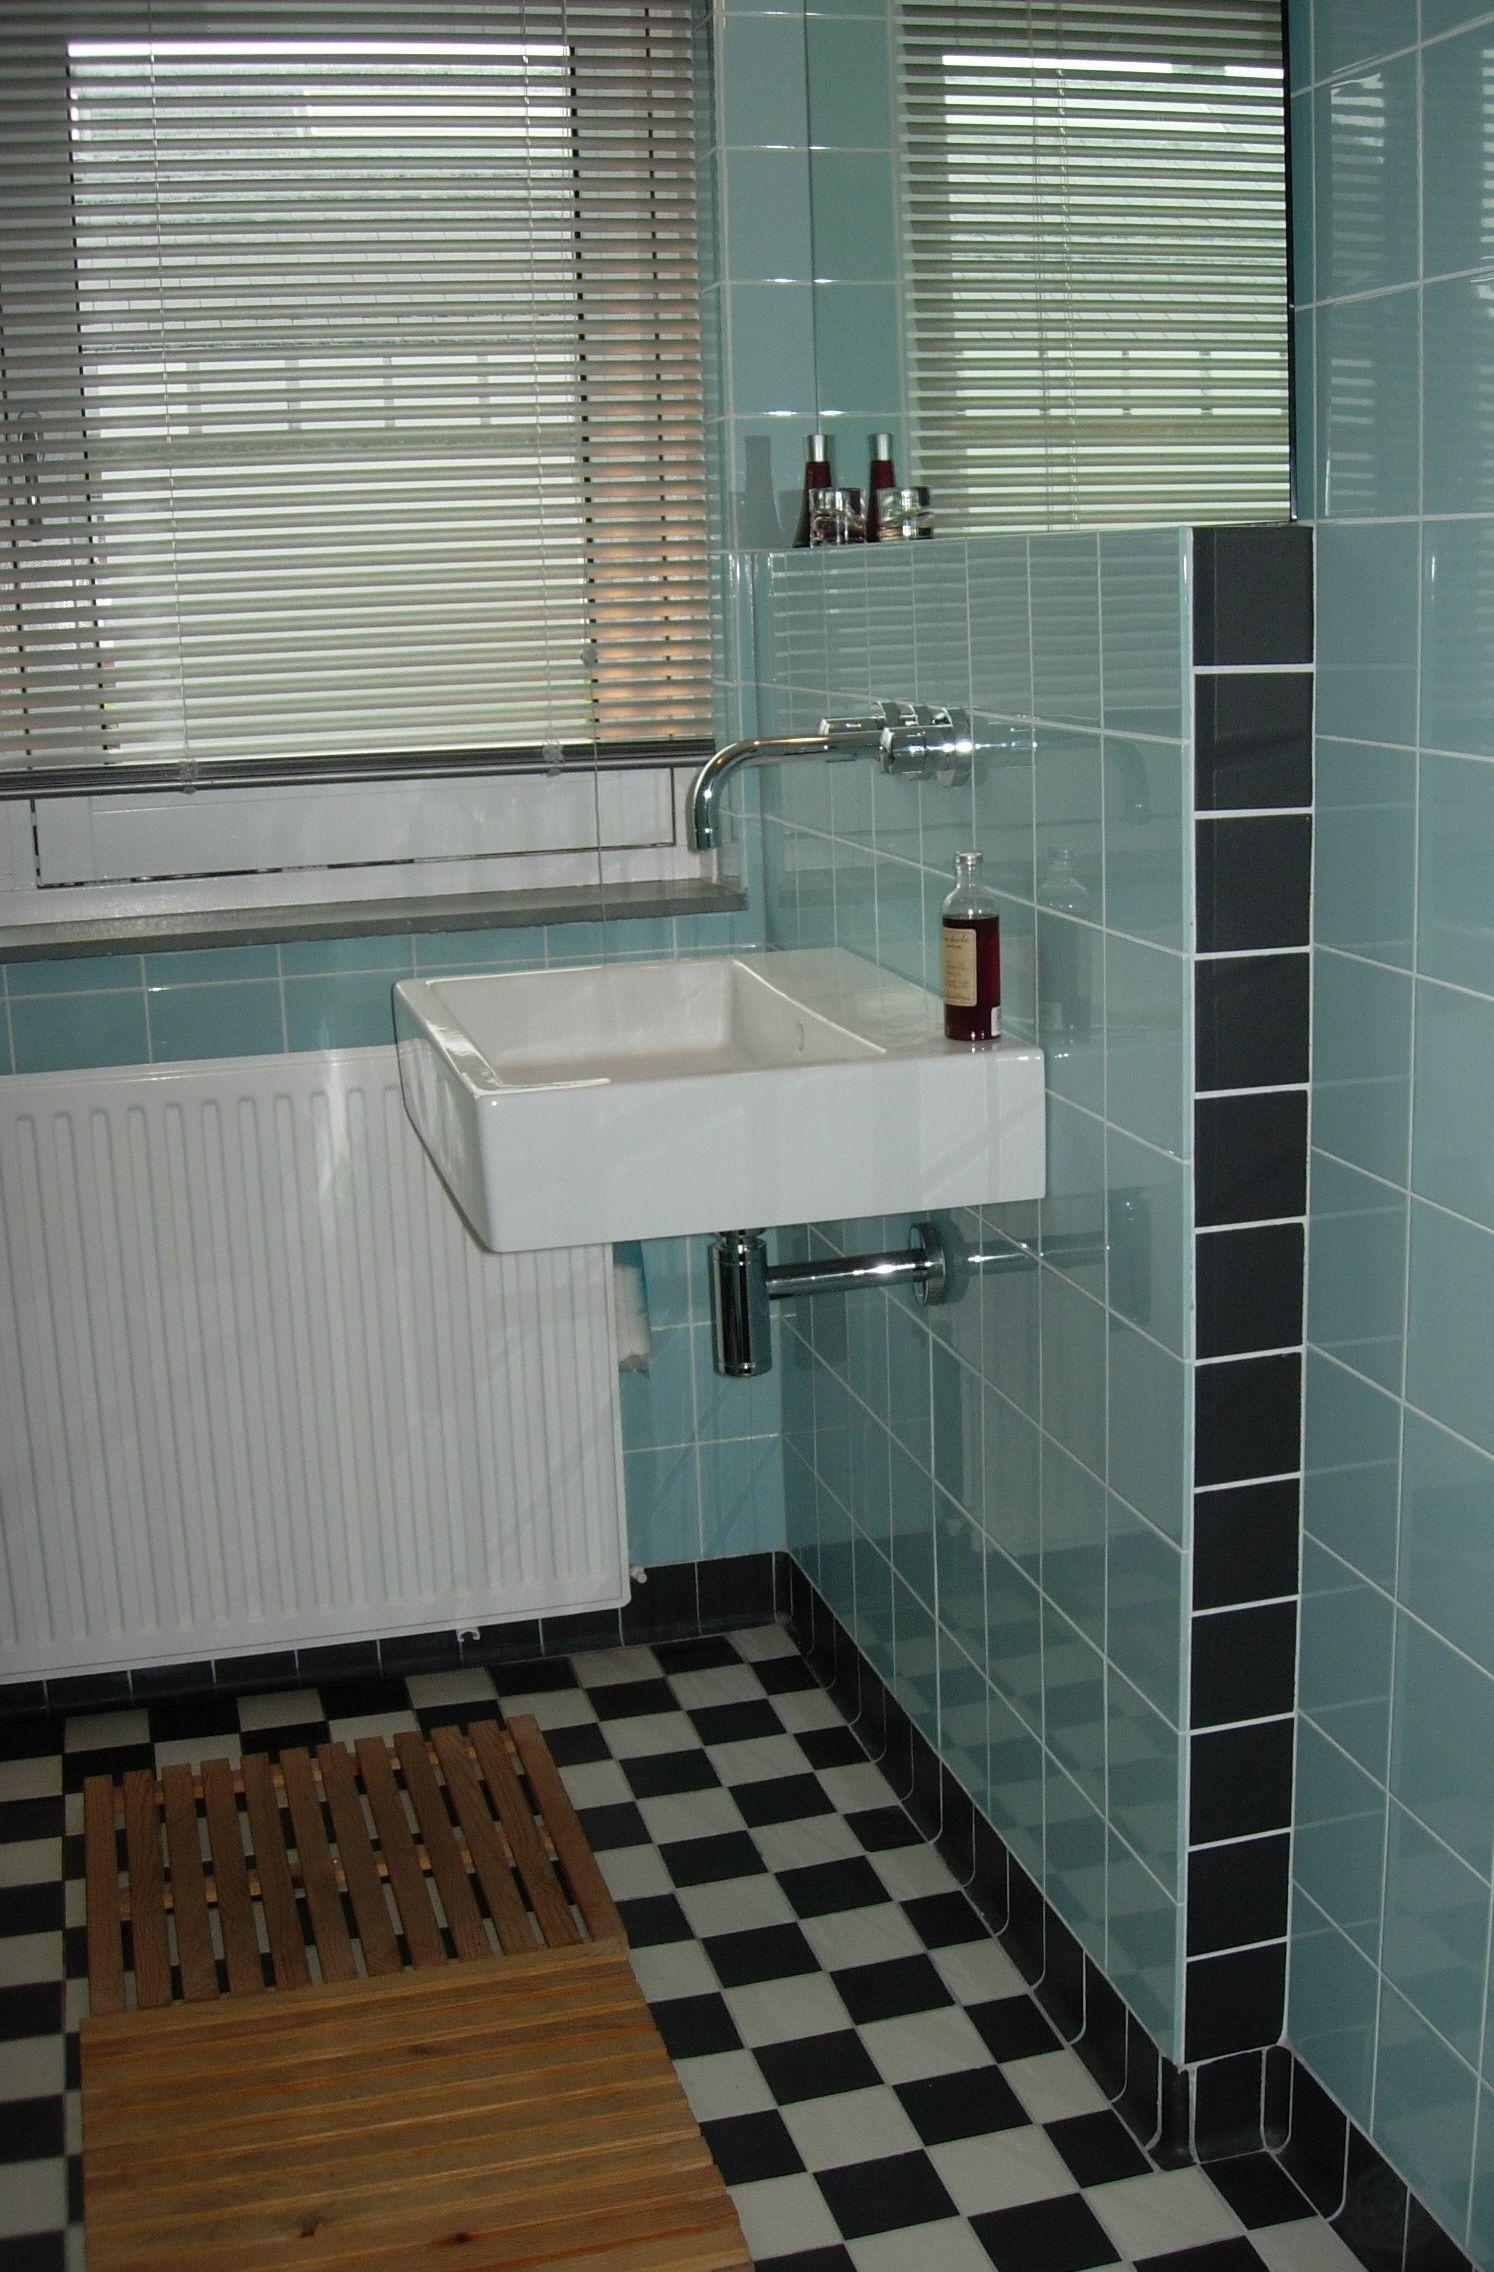 Pin van Eva op Verbouwen badkamer, keuken, wc | Pinterest - Badkamer ...